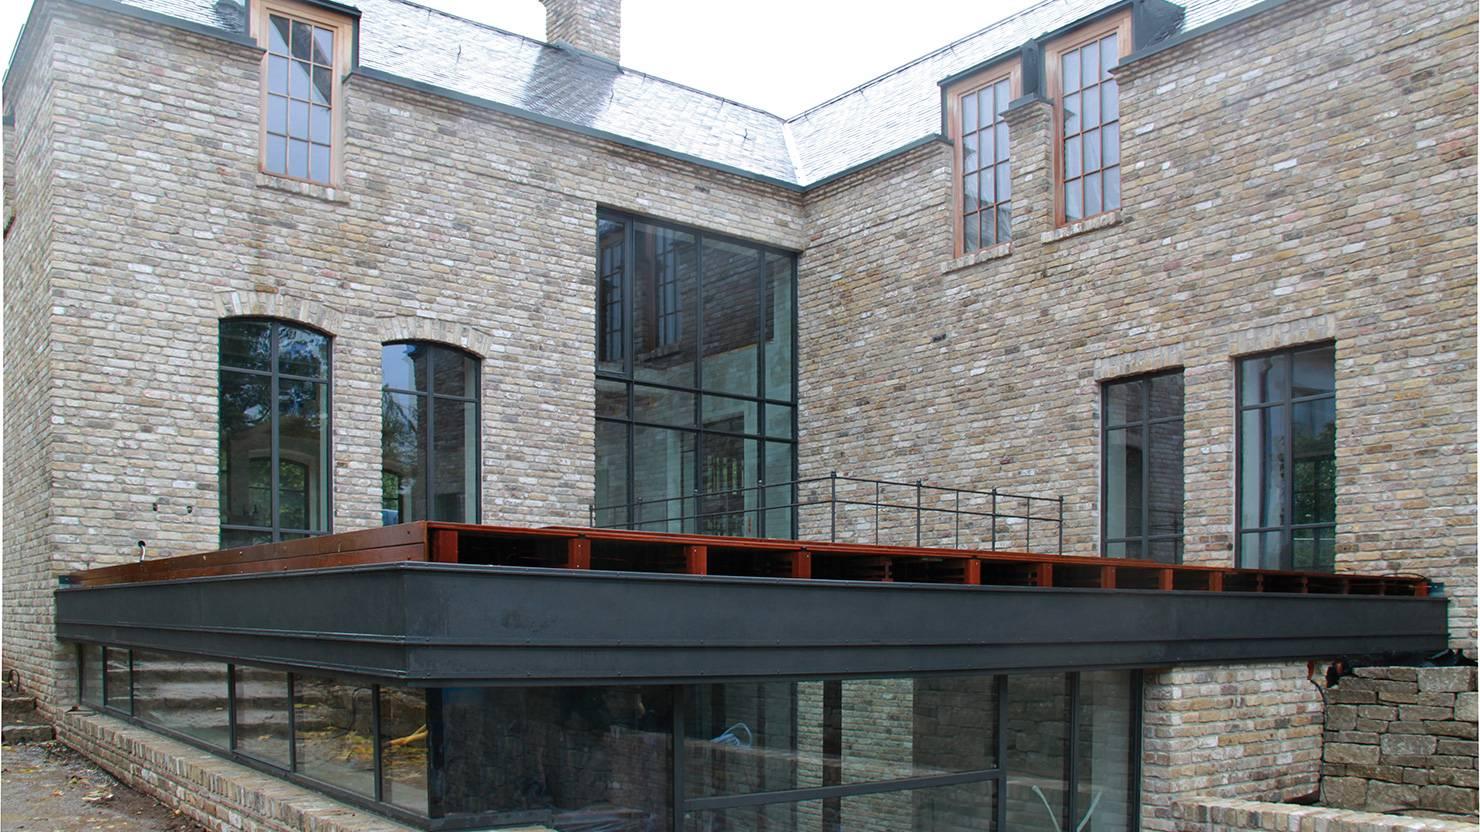 acciaio-zincato-serramenti-privathaus-seccosistemi-2_project_big